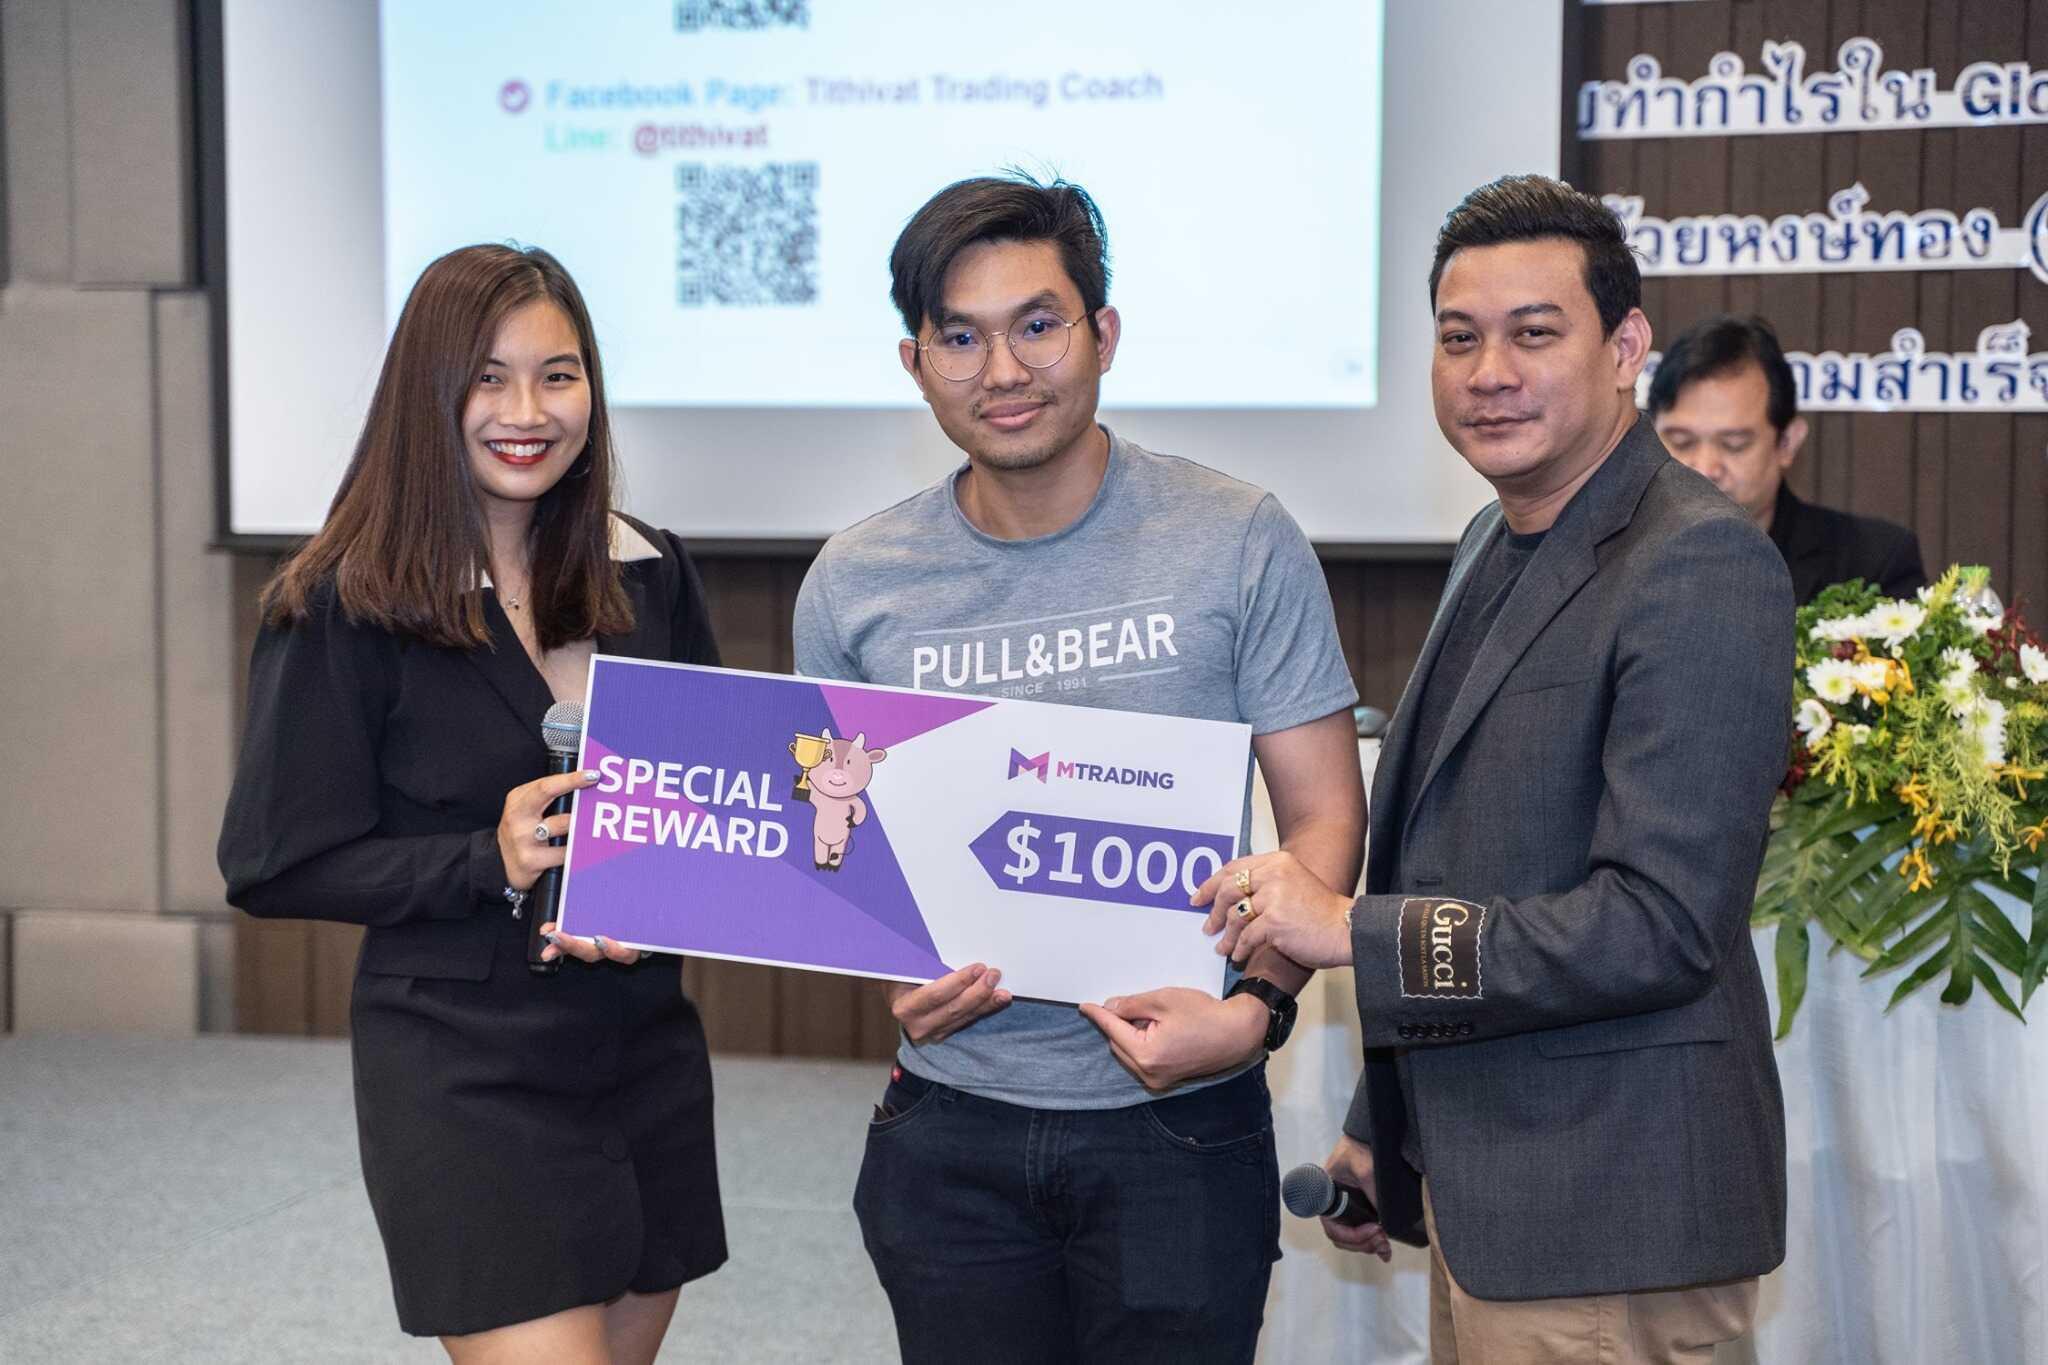 ผู้โชคดีรับรางวัล $1000 ในงานสัมมนา MTrading